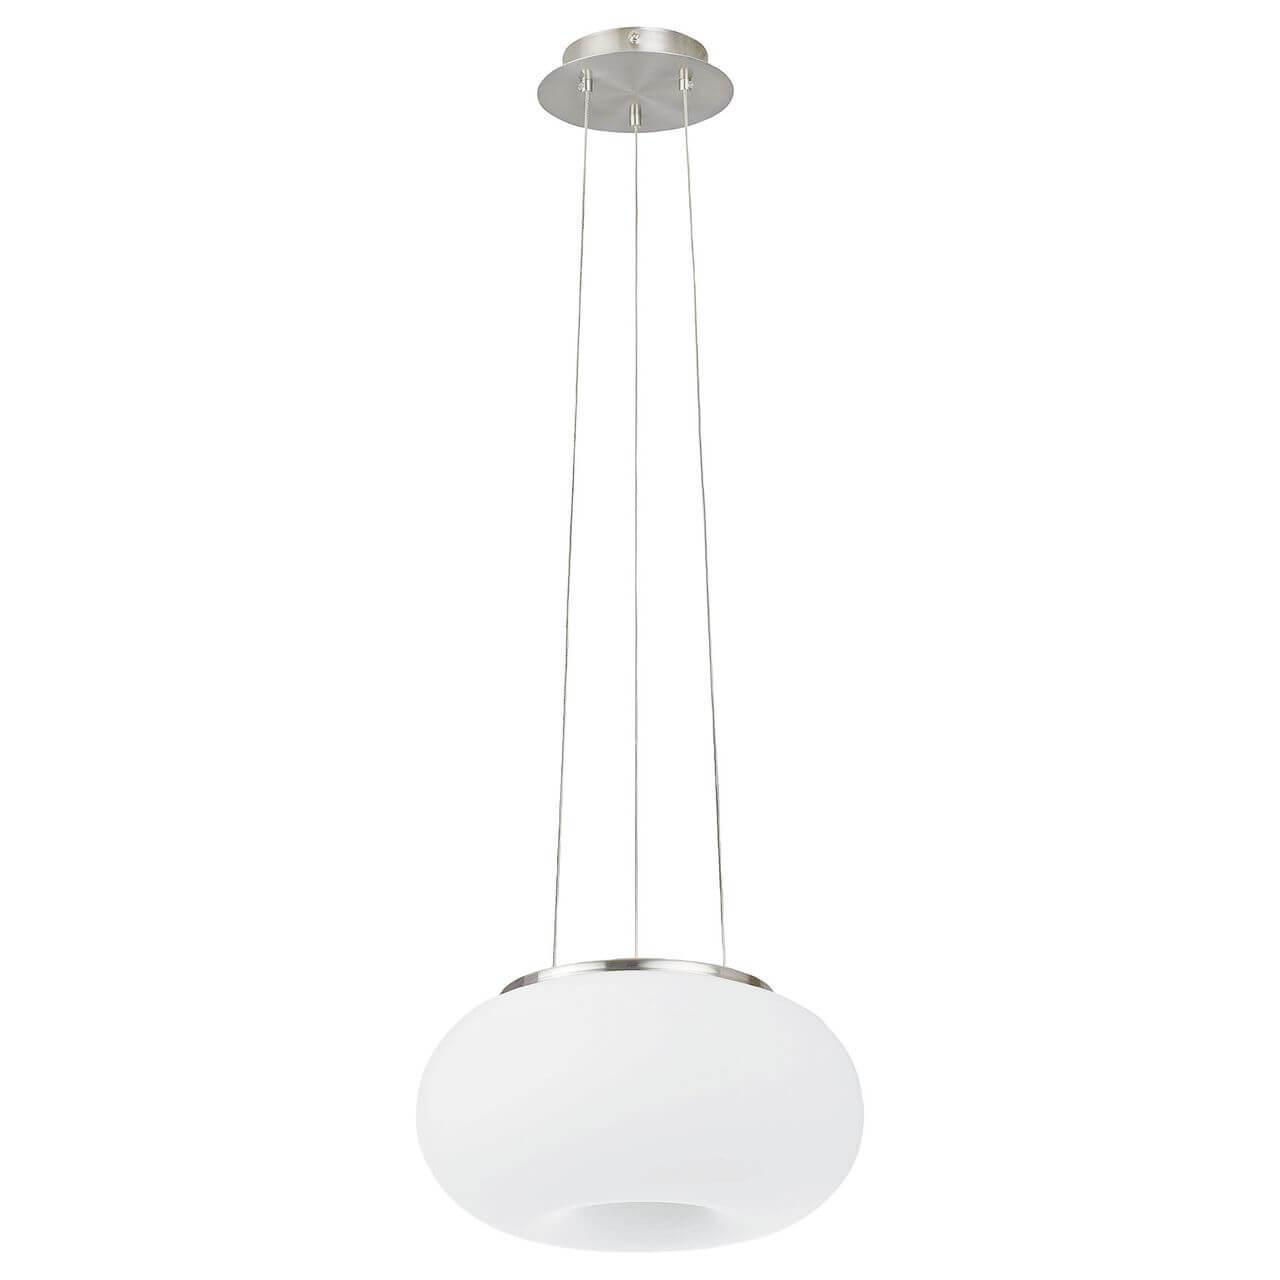 Подвесной светильник Eglo Optica 86813 подвесной светильник eglo optica 86815